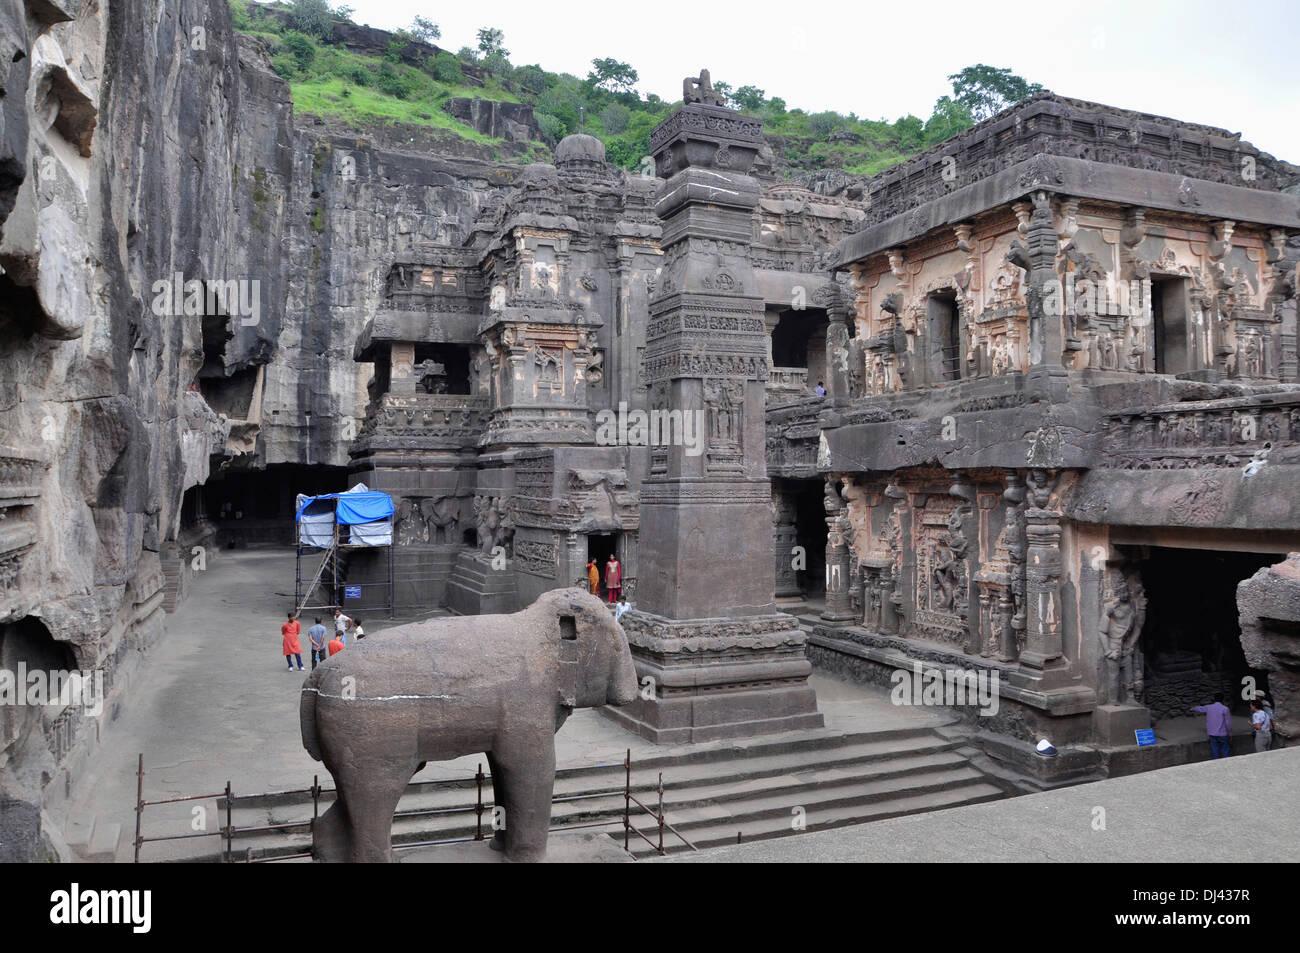 Grotta 16 : Tempio cortile e vittoria pilastro nord. Narasimha sulla parete sud. Grotte di Ellora, Aurangabad, Maharashtra, India Foto Stock